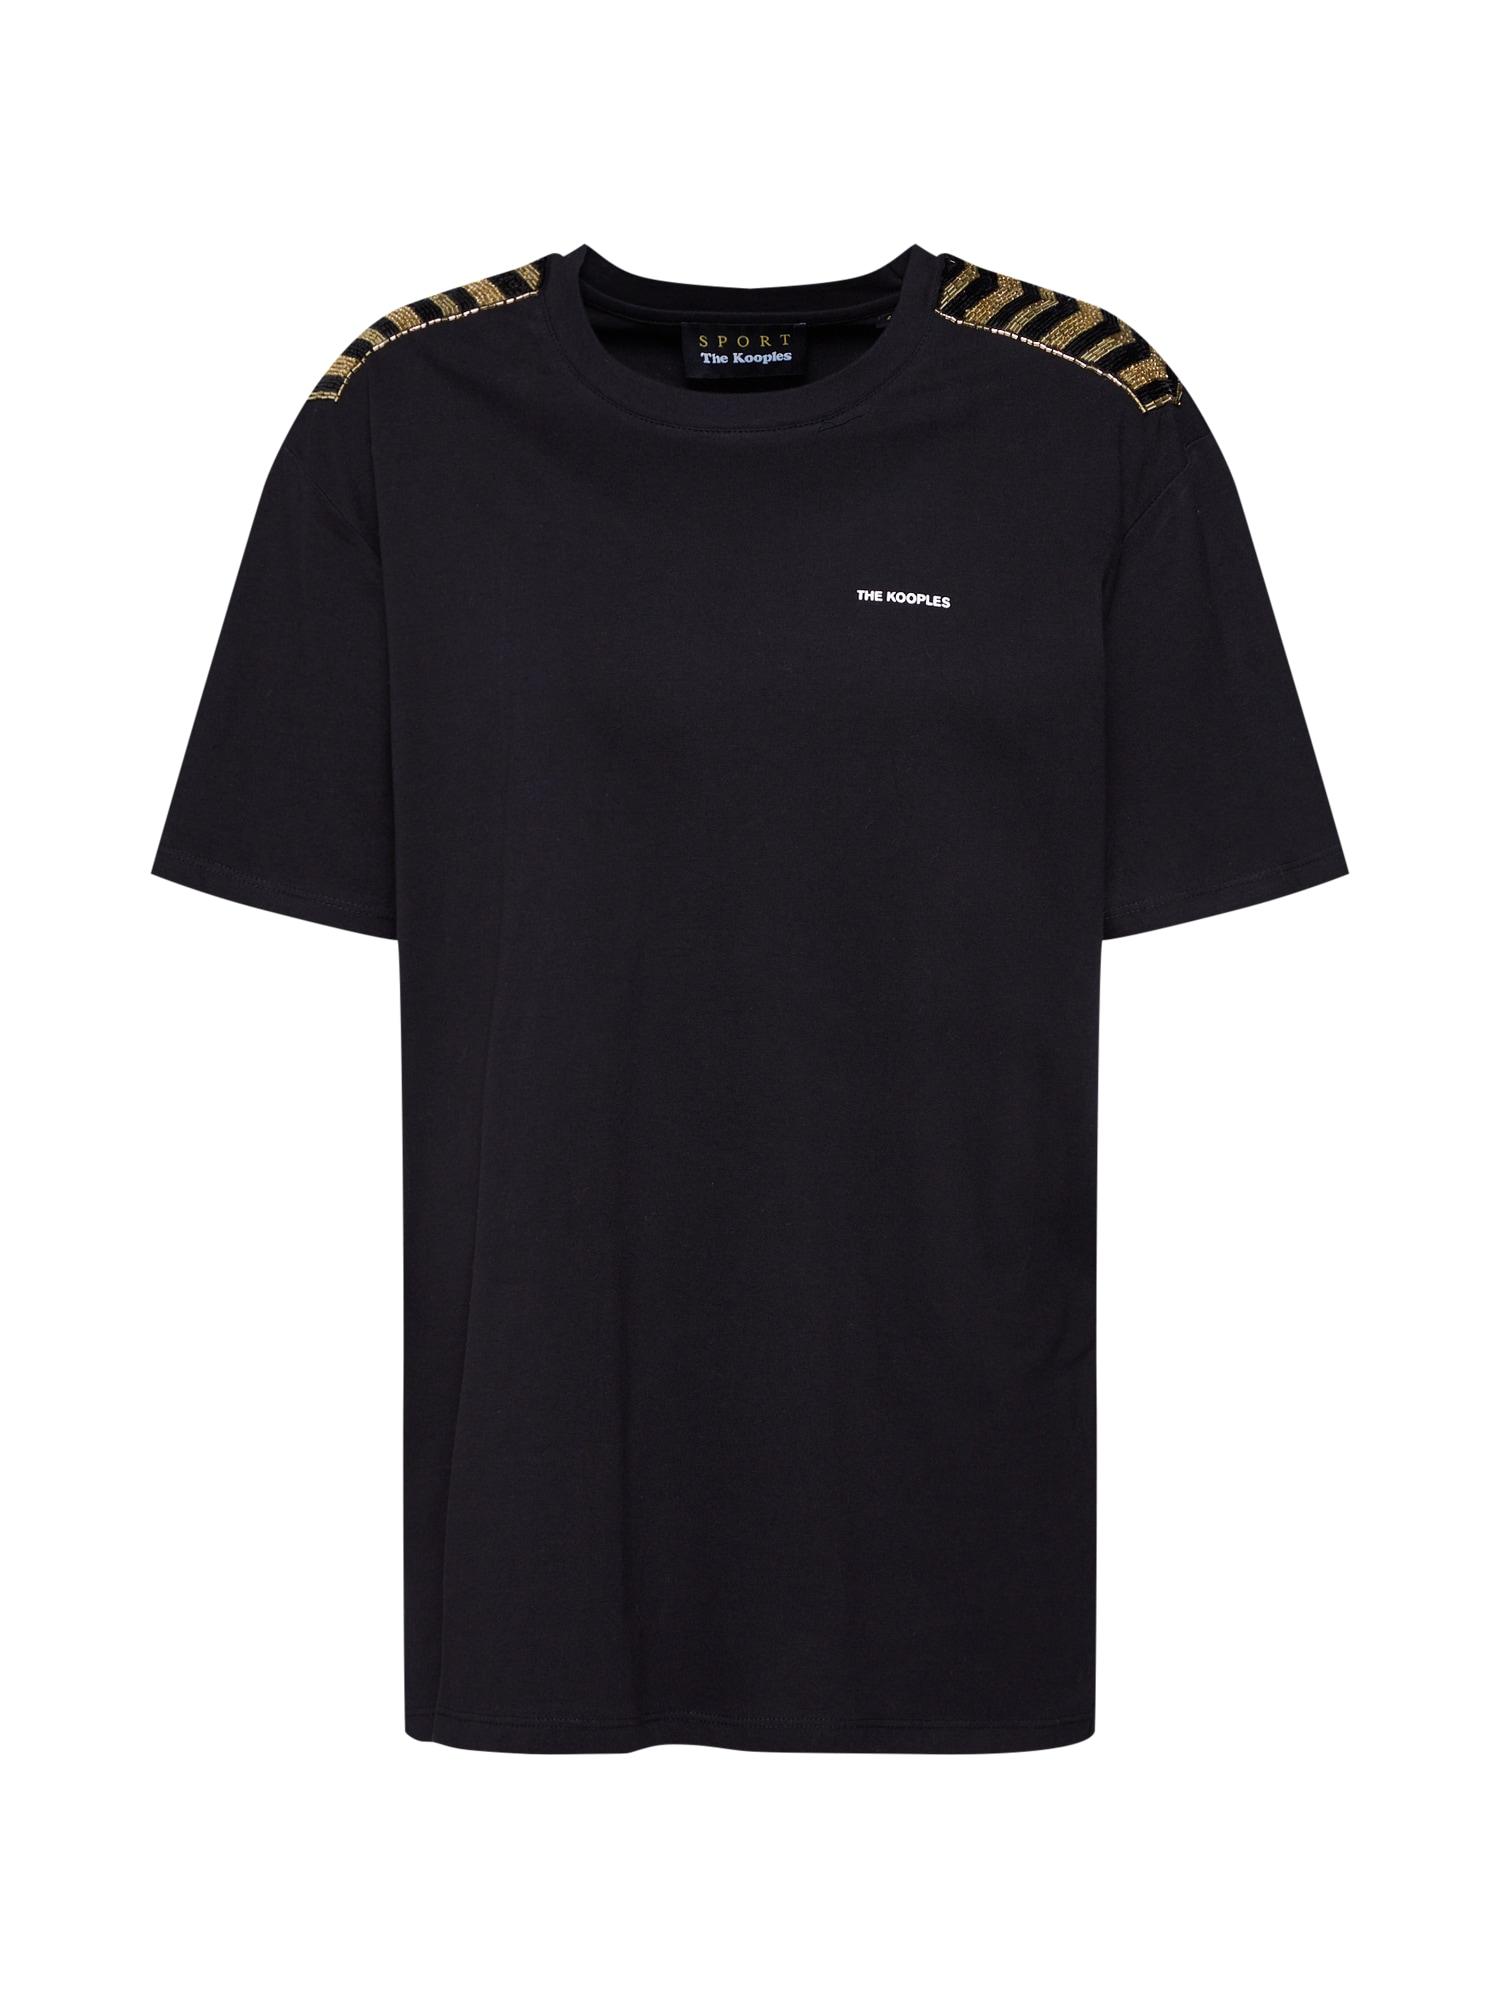 Tričko FTSC18014S černá THE KOOPLES SPORT